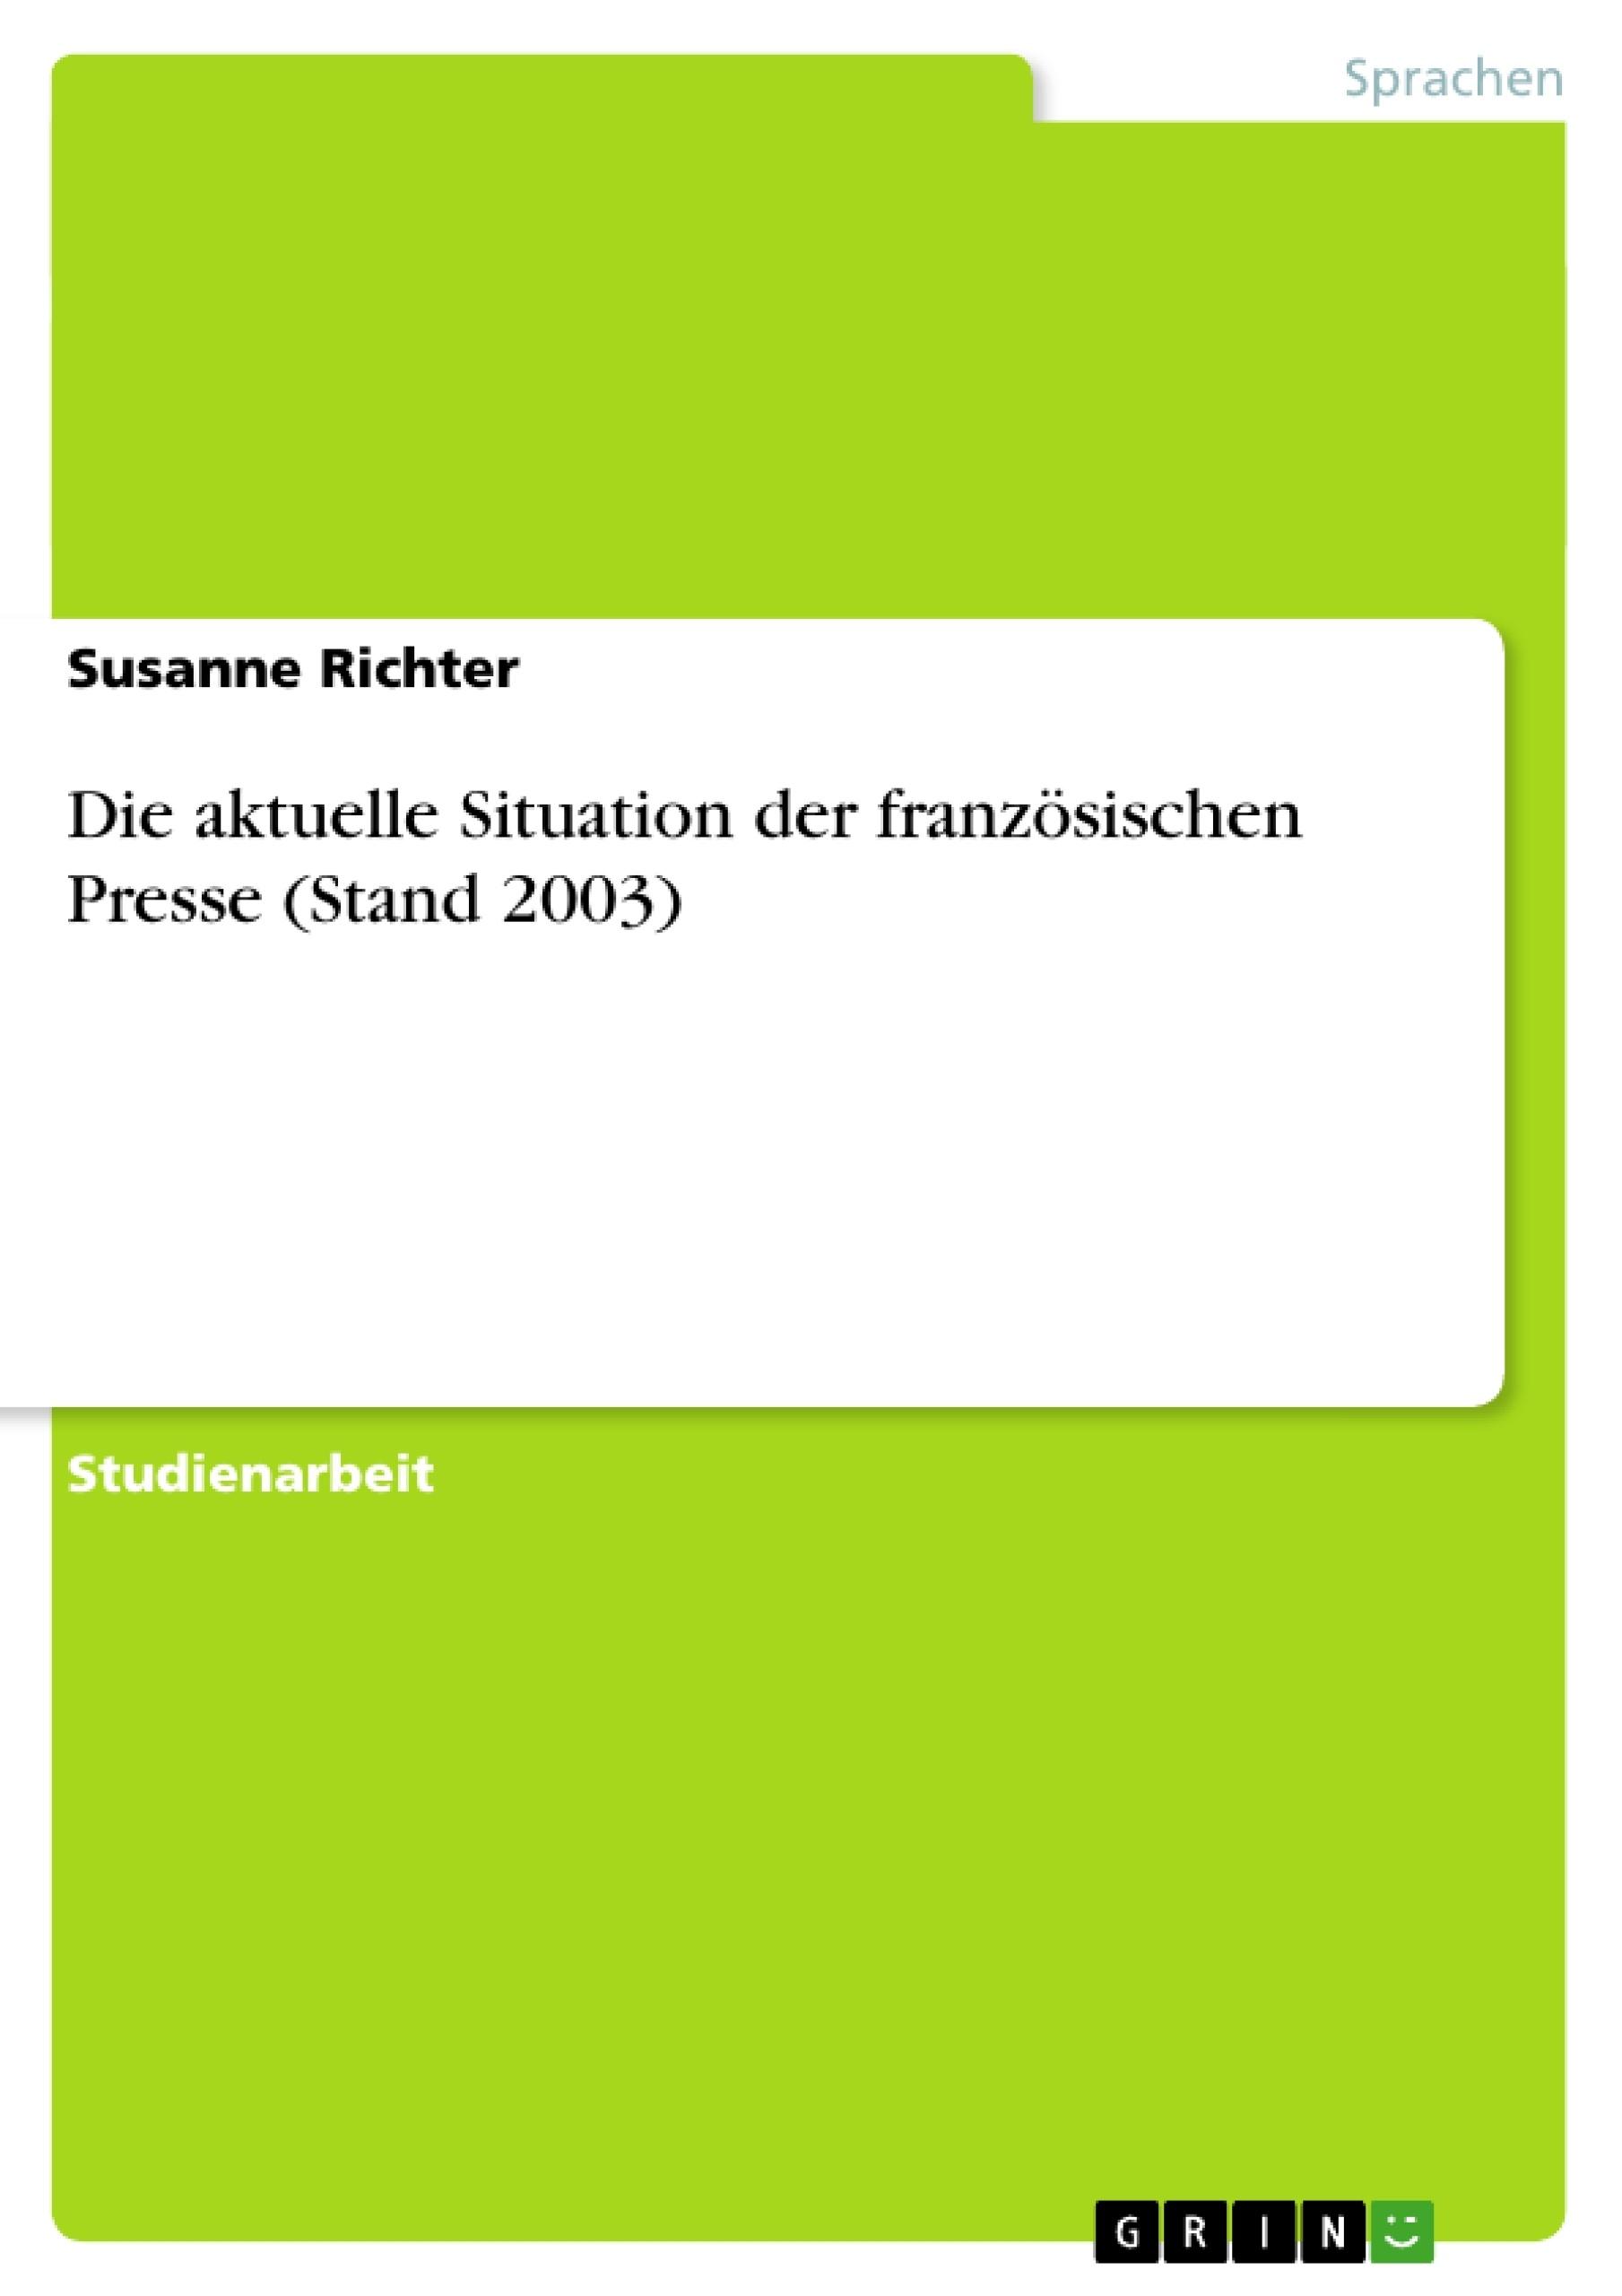 Titel: Die aktuelle Situation der französischen Presse (Stand 2003)